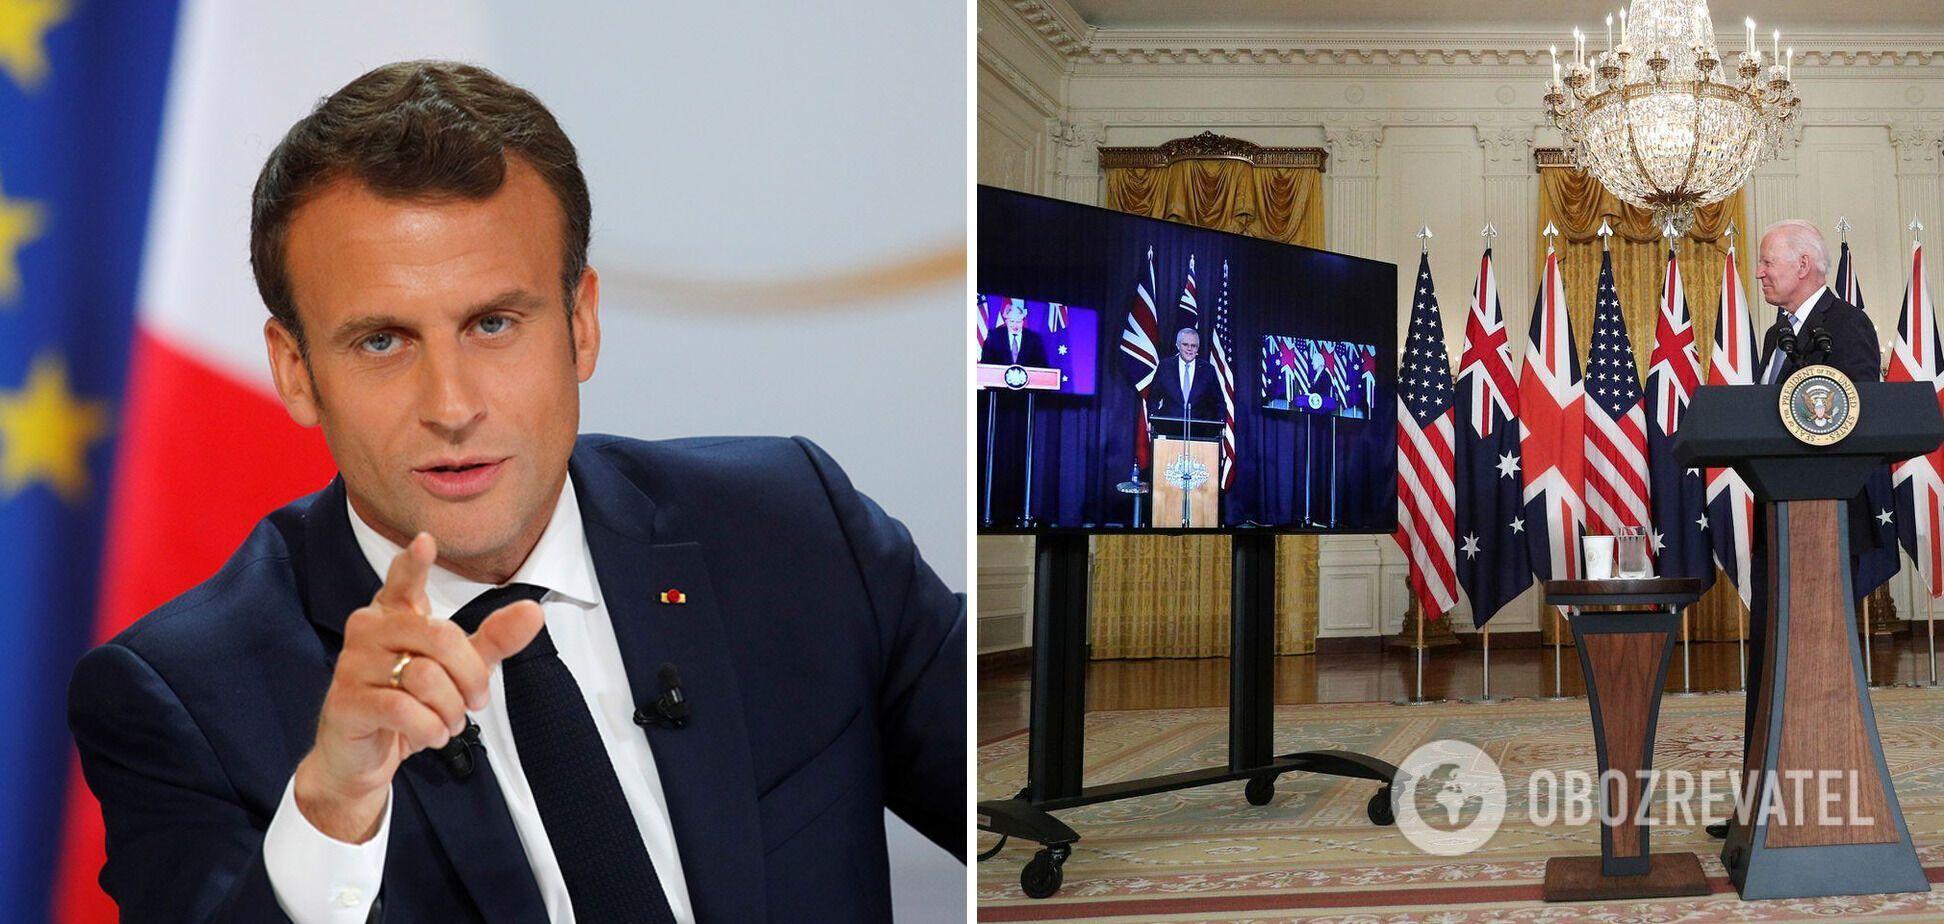 Франция учтет создание AUKUS при разработке новой стратегической концепции НАТО